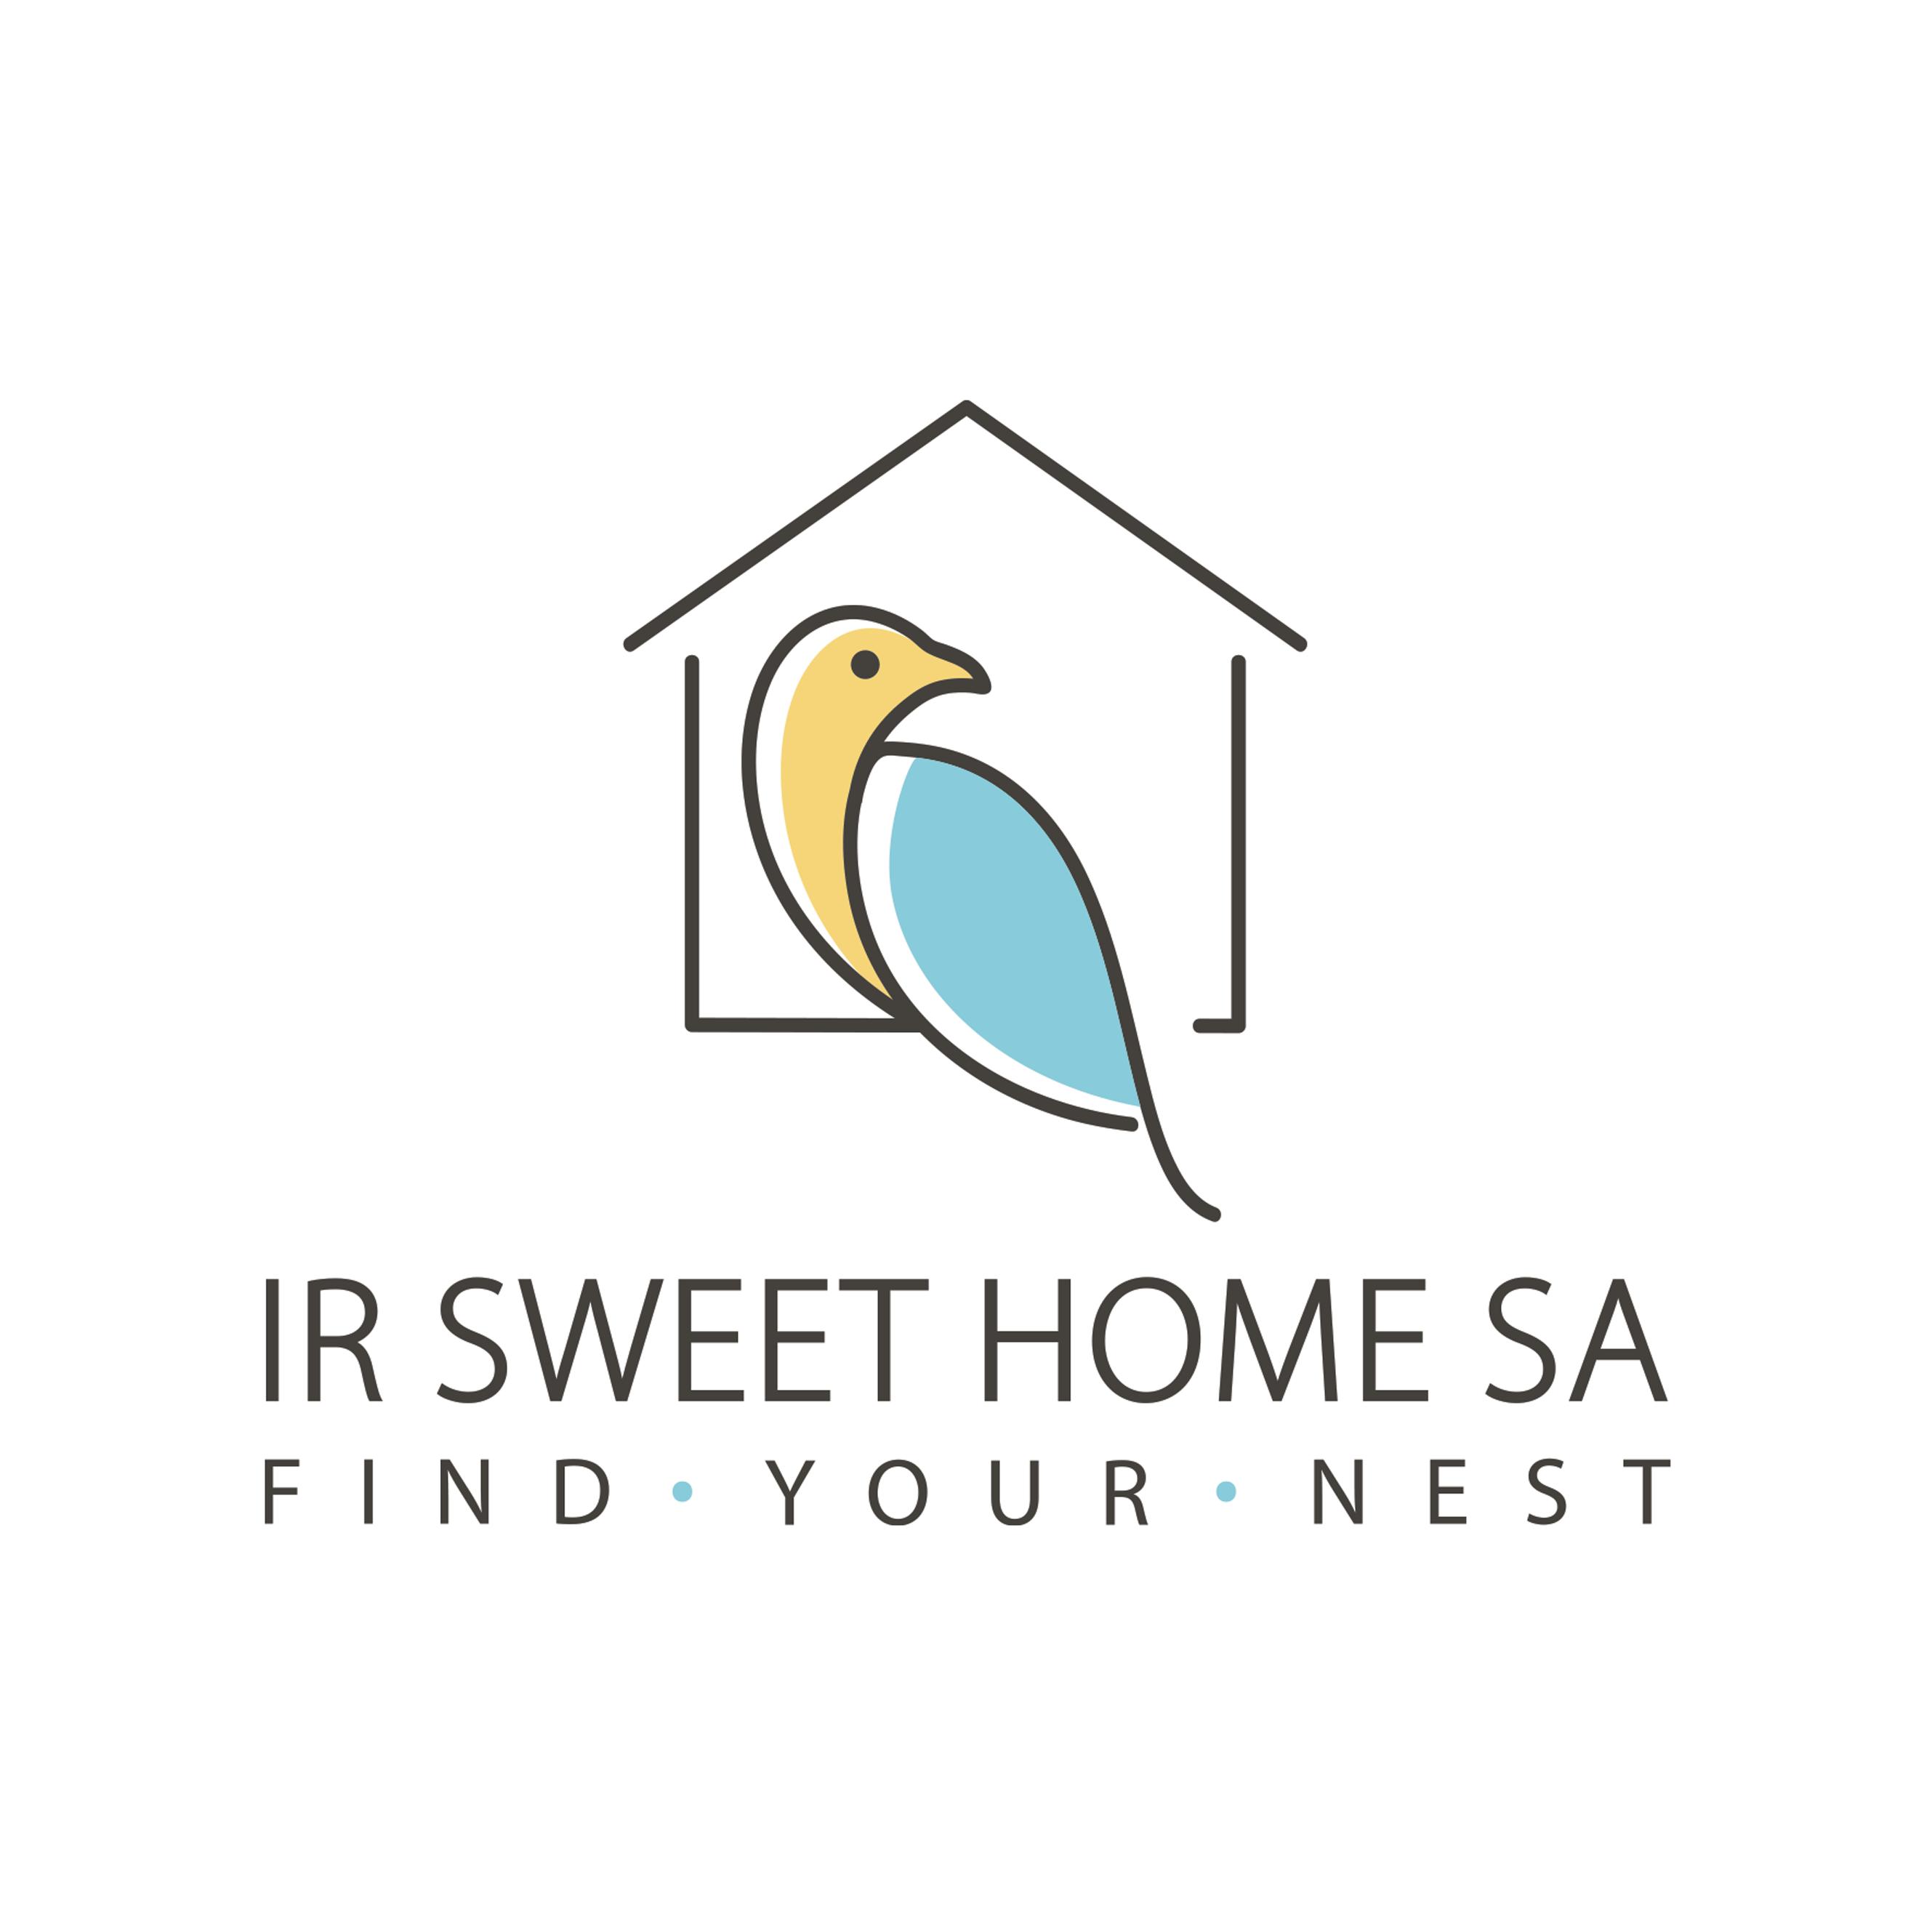 IR SWEET HOME SA